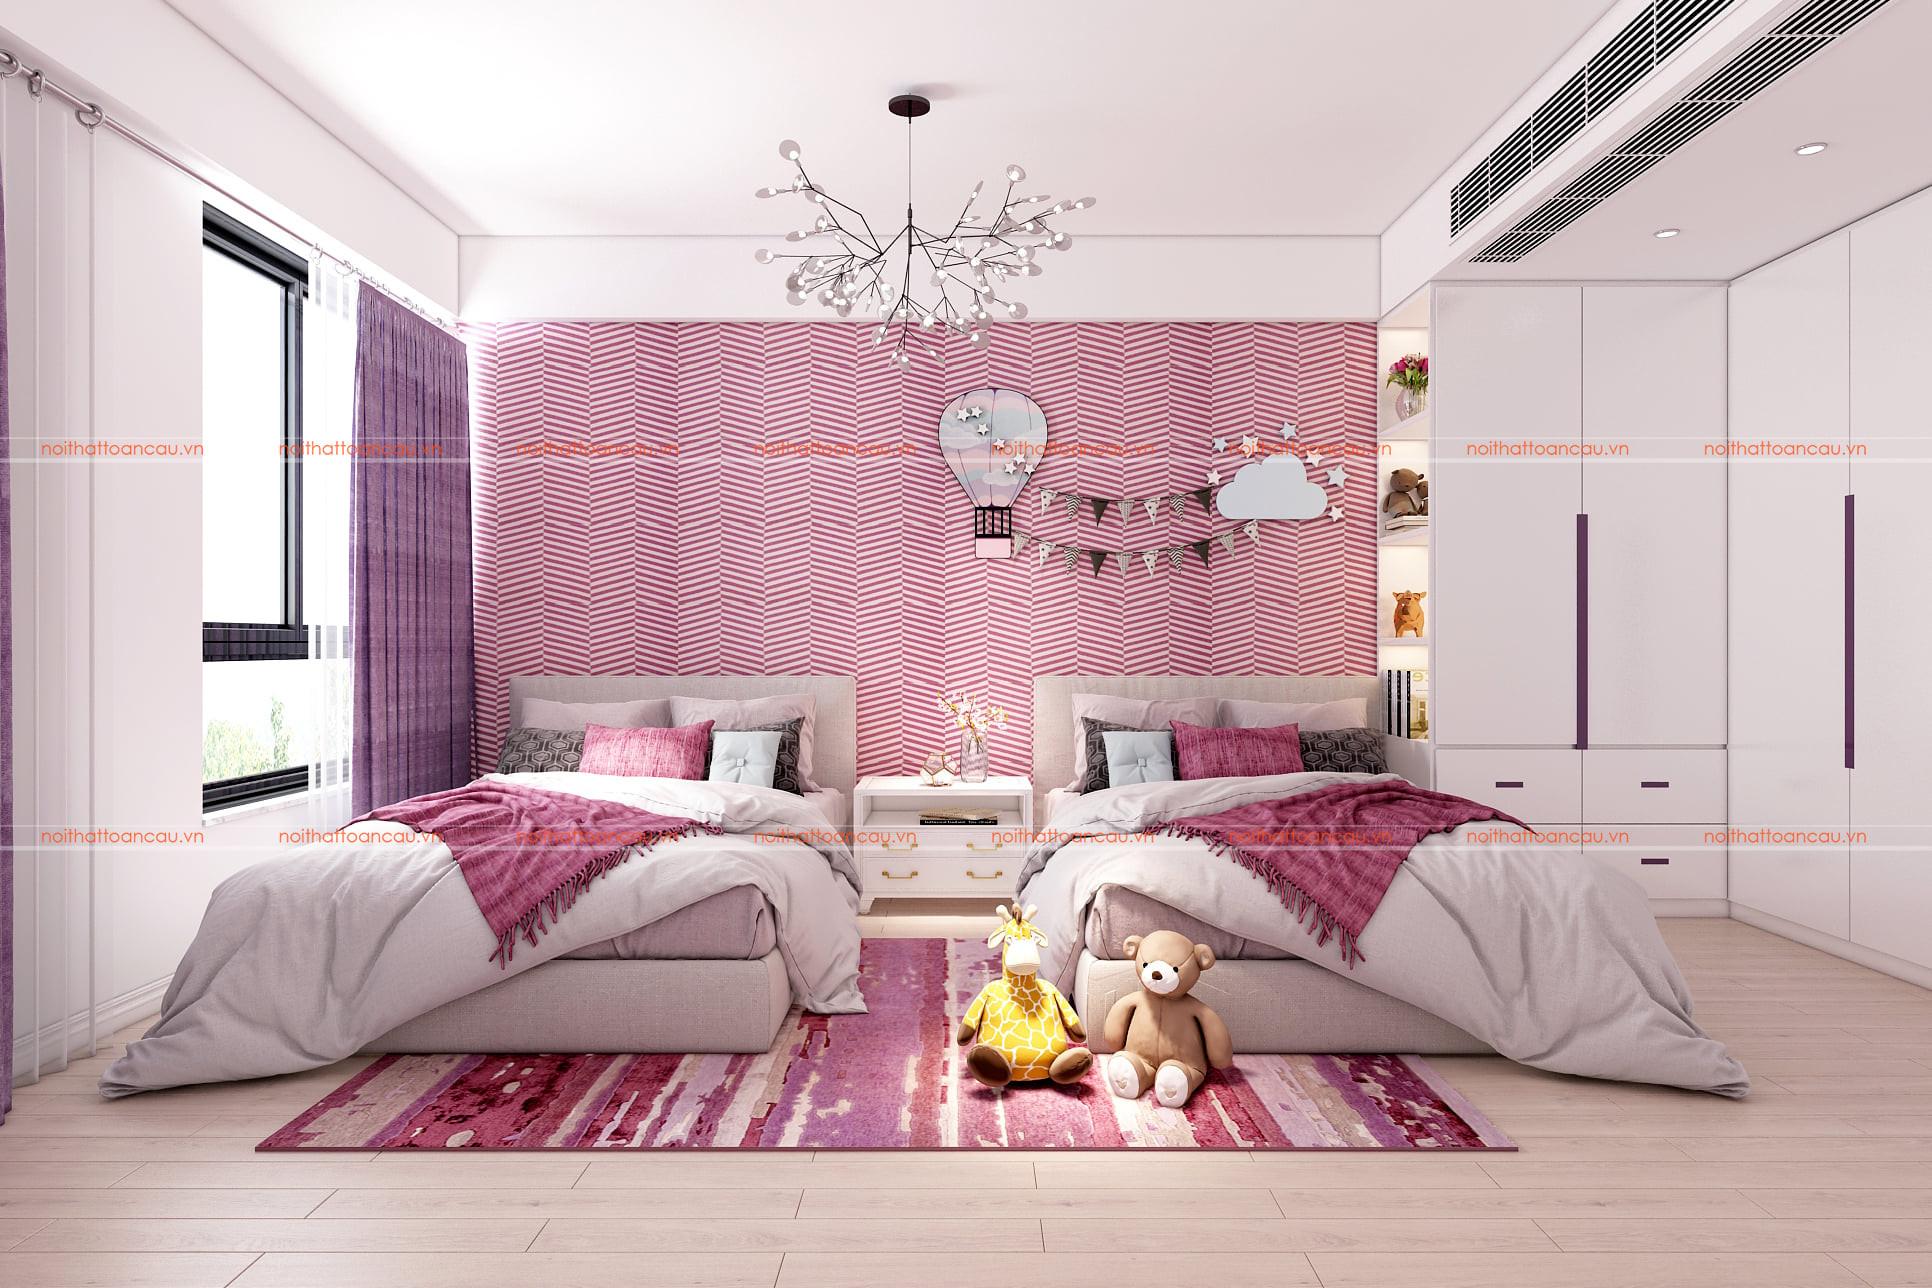 Phòng ngủ 2 giường cho bé gái màu tím